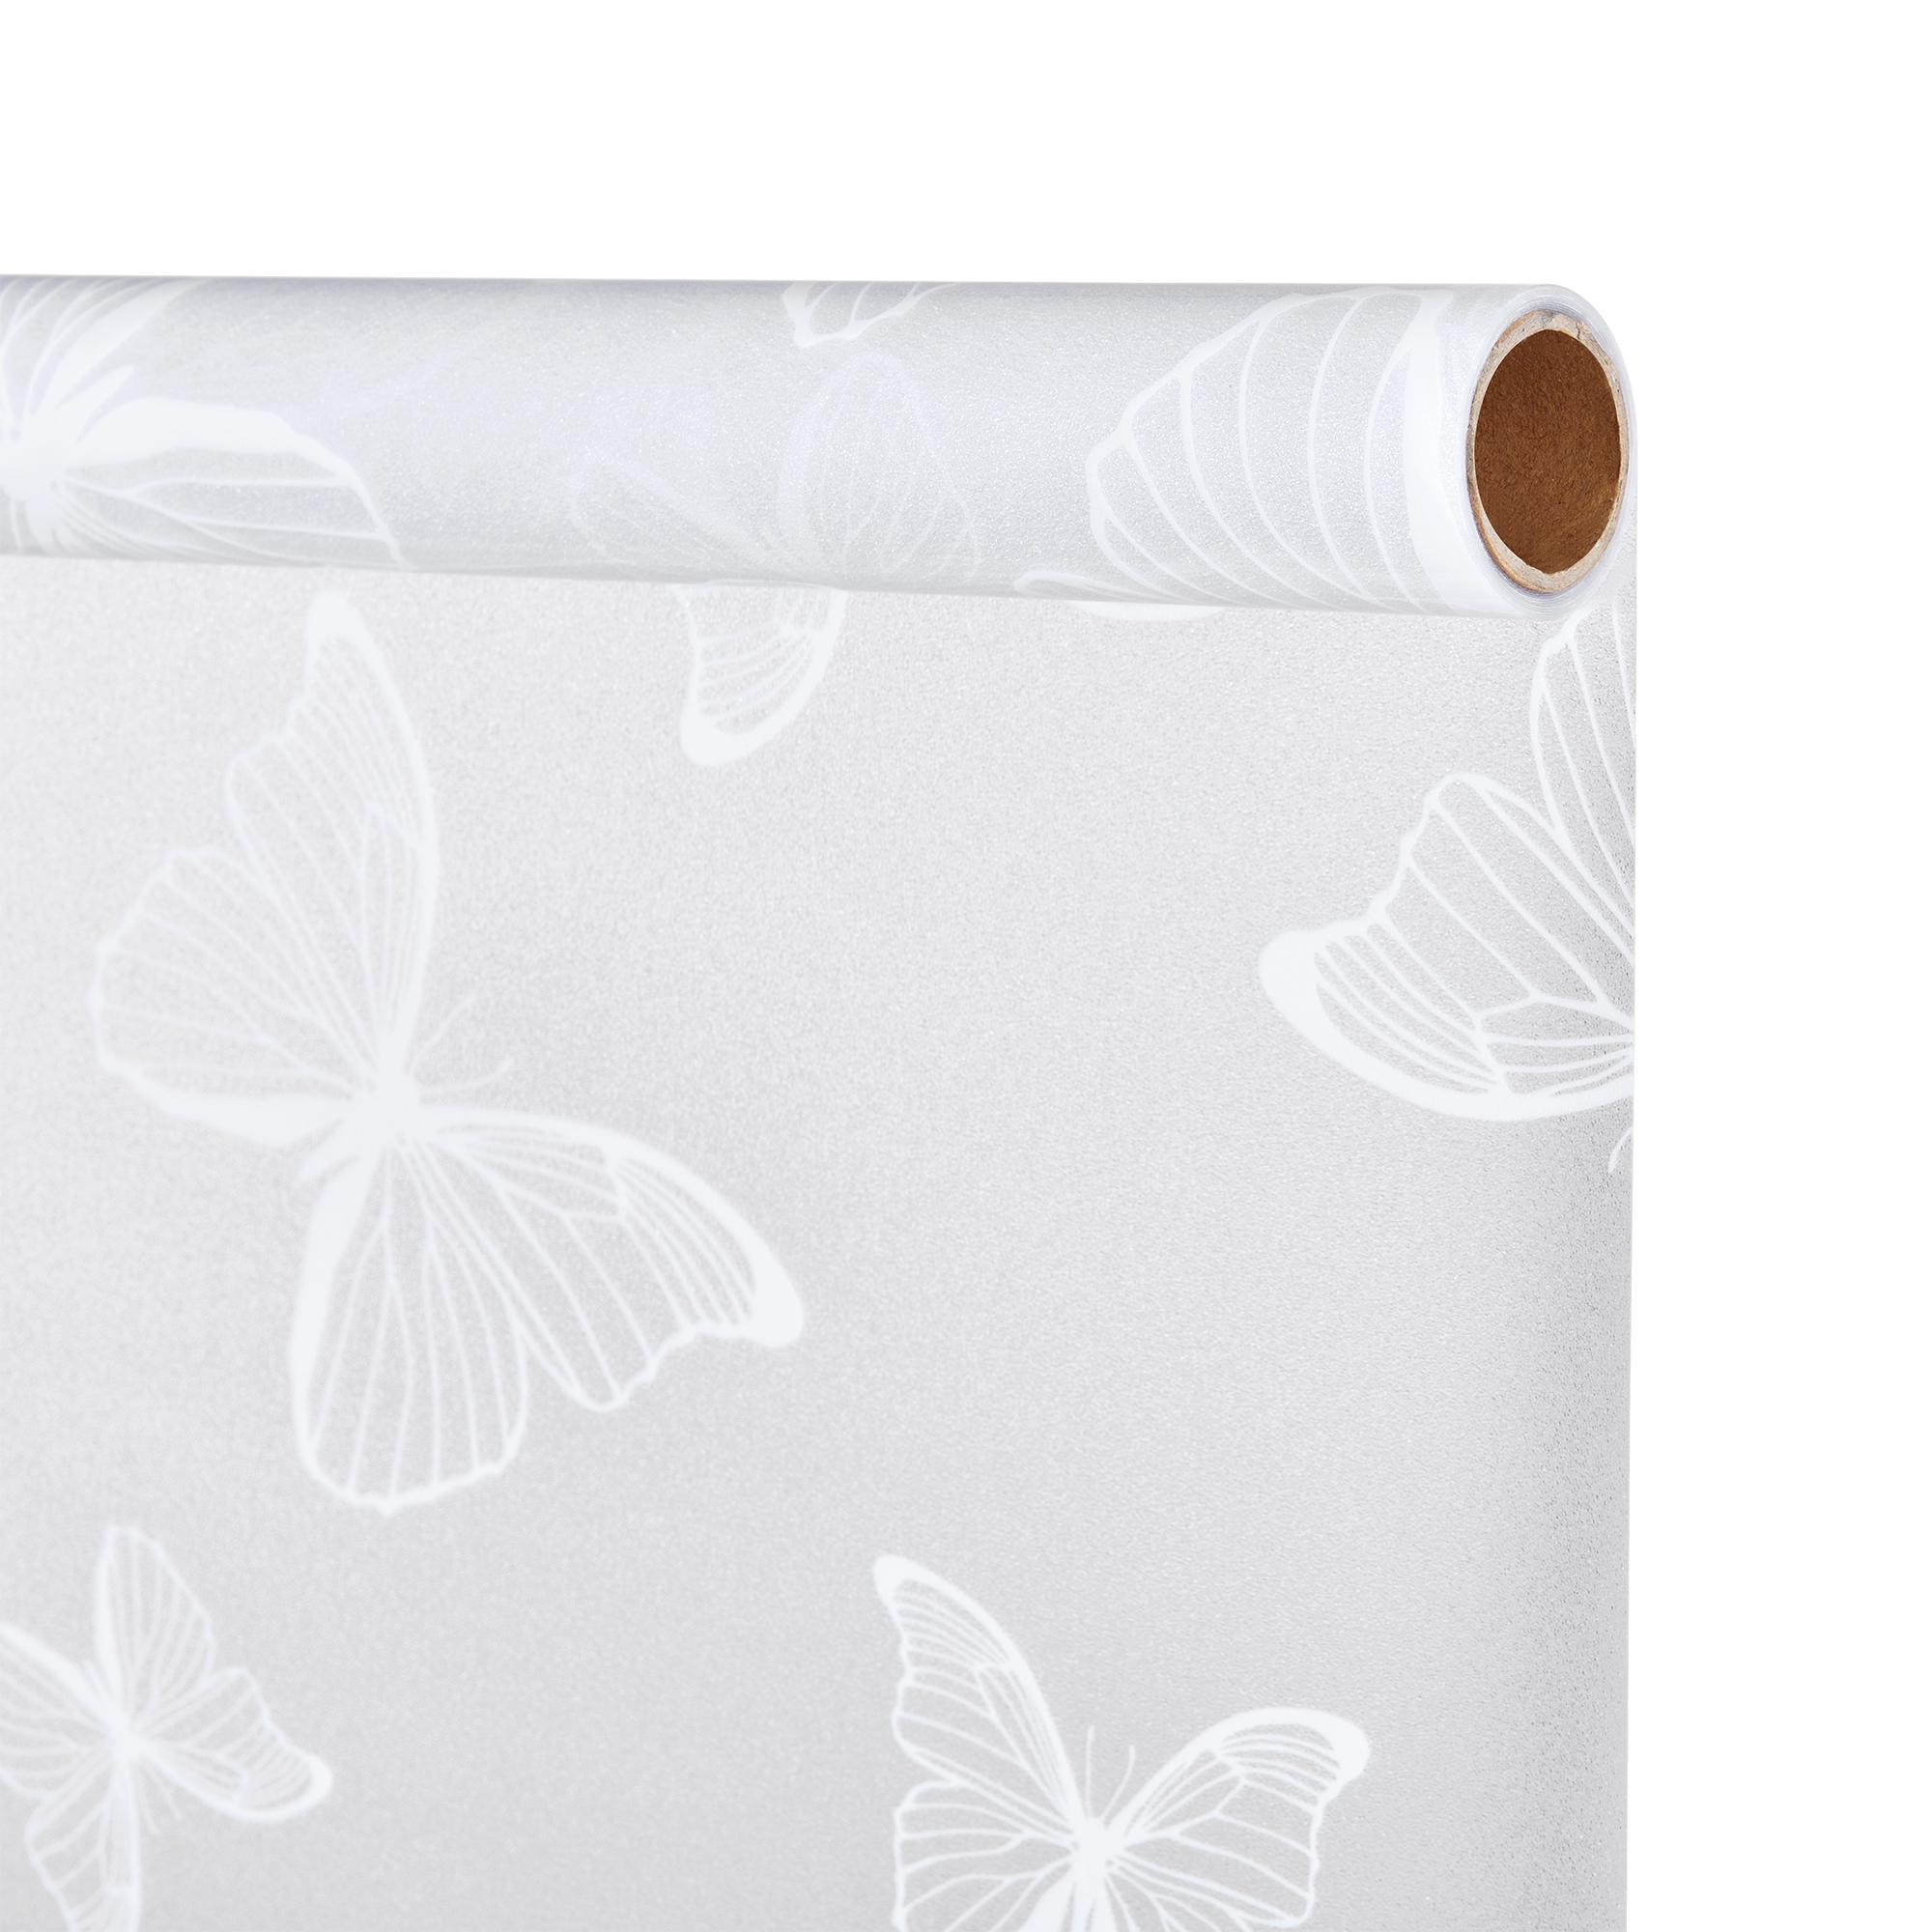 casao] Sichtschutzfolie Milchglas Schmetterling 50 cm x 1 m